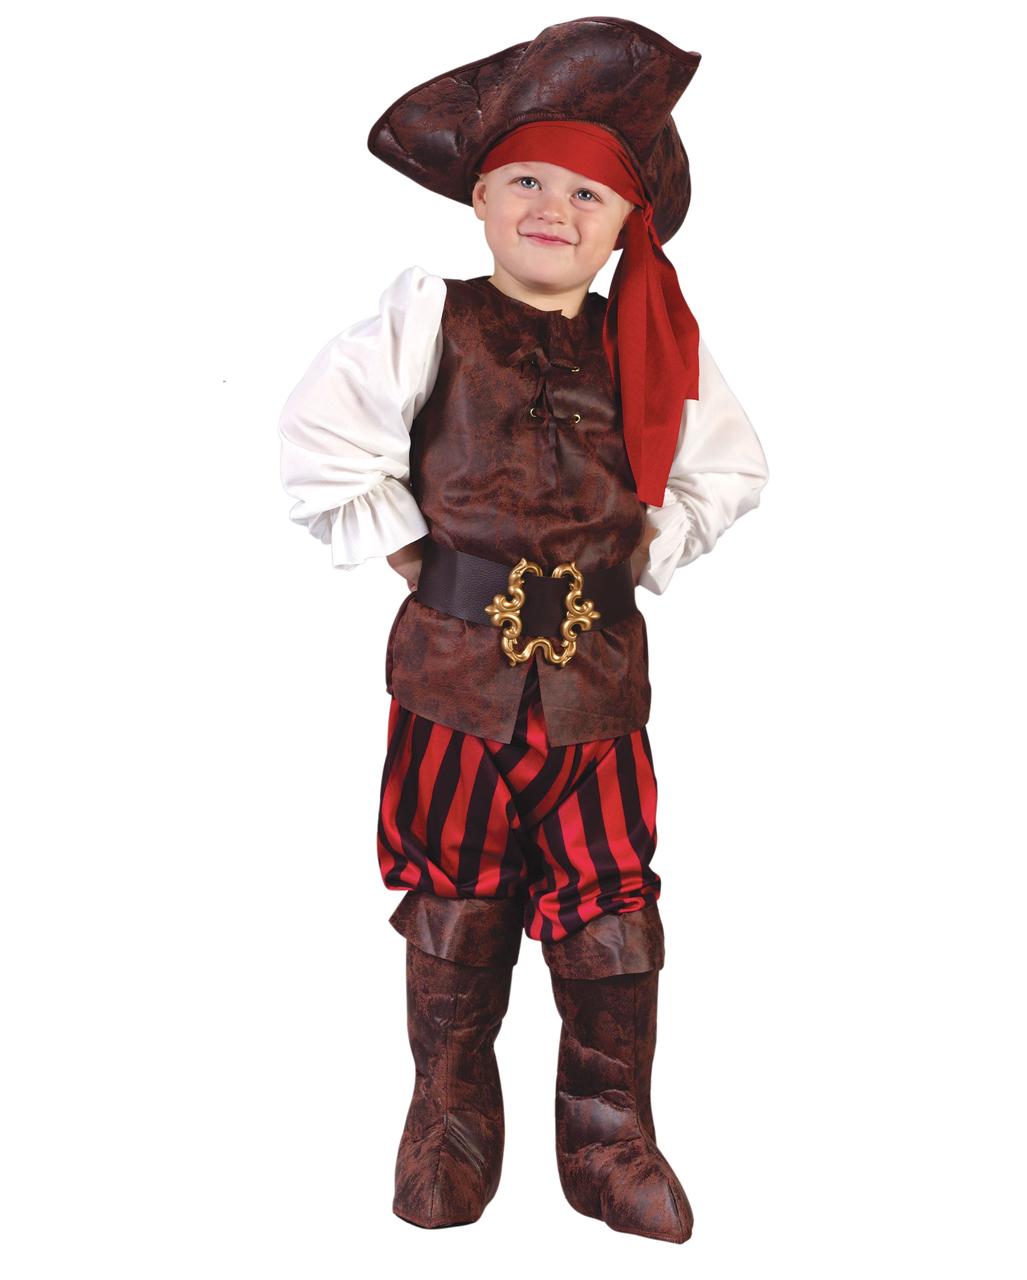 Piraten Kostum Kleinkinder Seerauber Kostum Fur Jungen Horror Shop Com